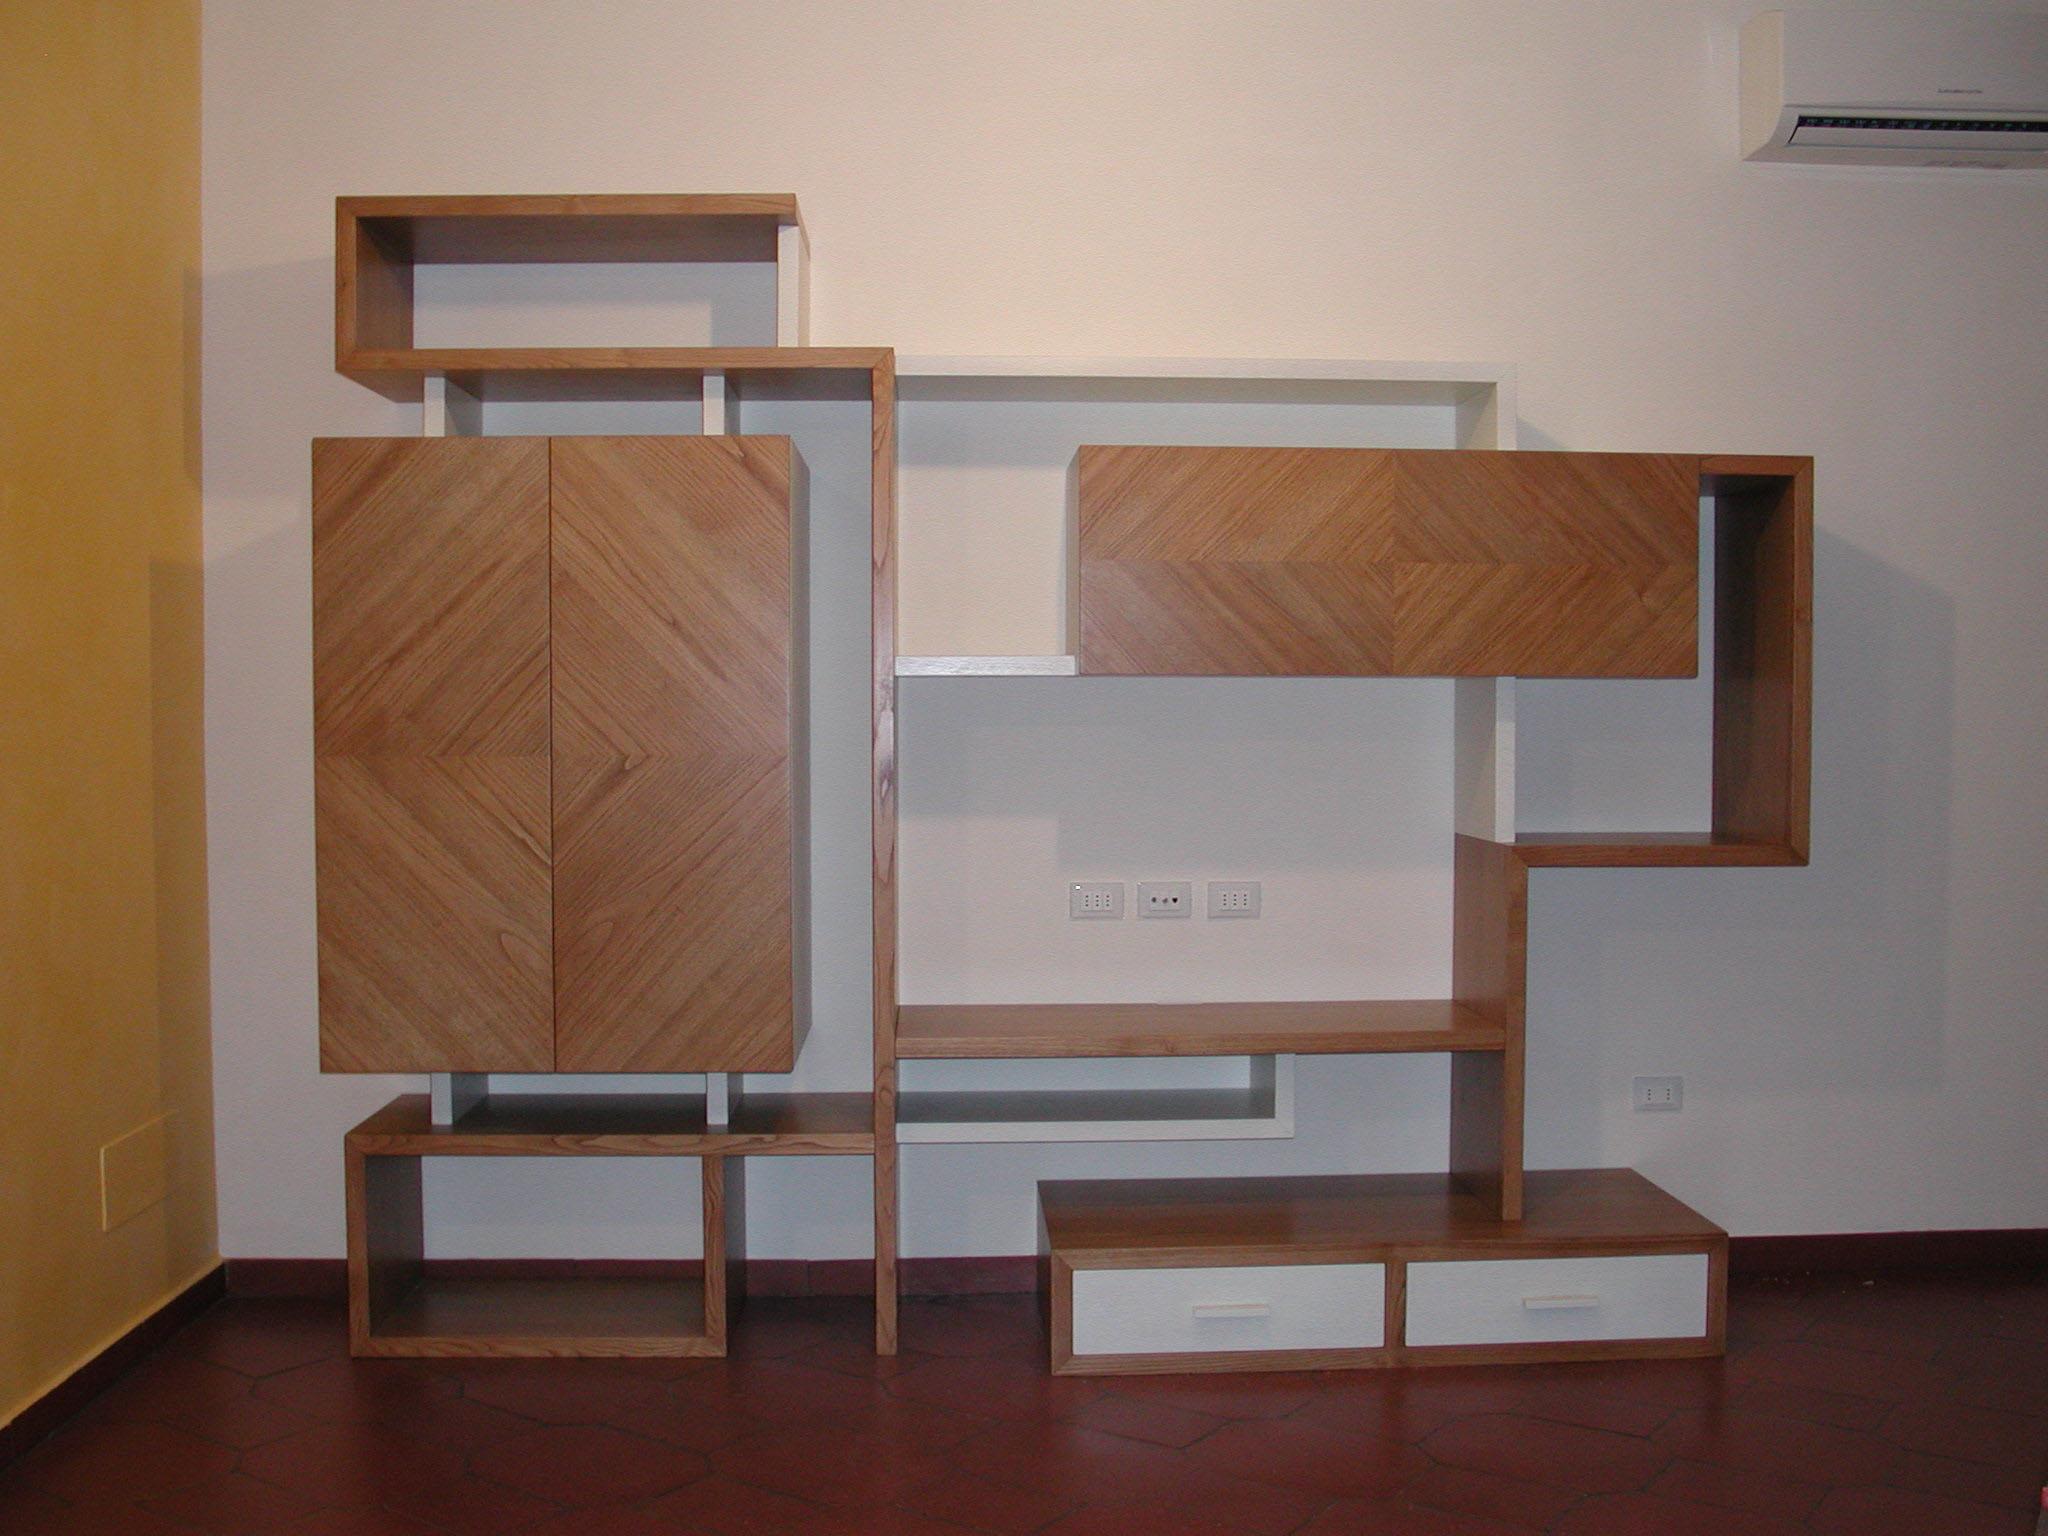 Librerie e scaffali in legno l 39 arte del legno for Scaffali legno arredamento